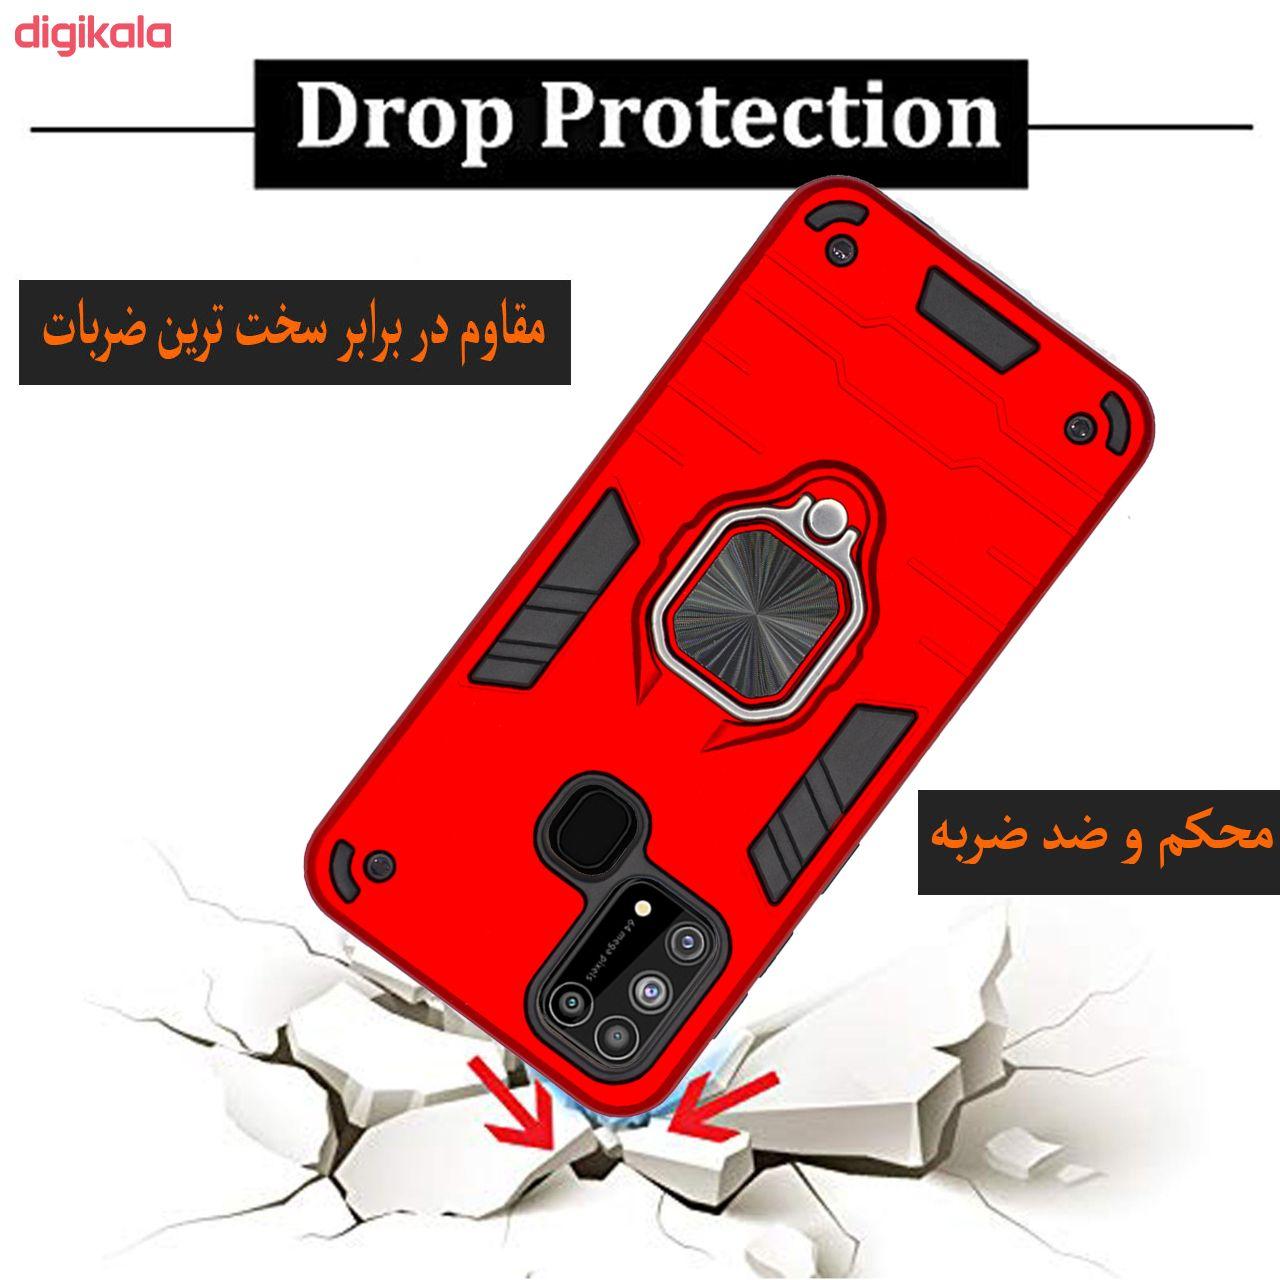 کاور کینگ پاور مدل ASH22 مناسب برای گوشی موبایل سامسونگ Galaxy M31 main 1 3